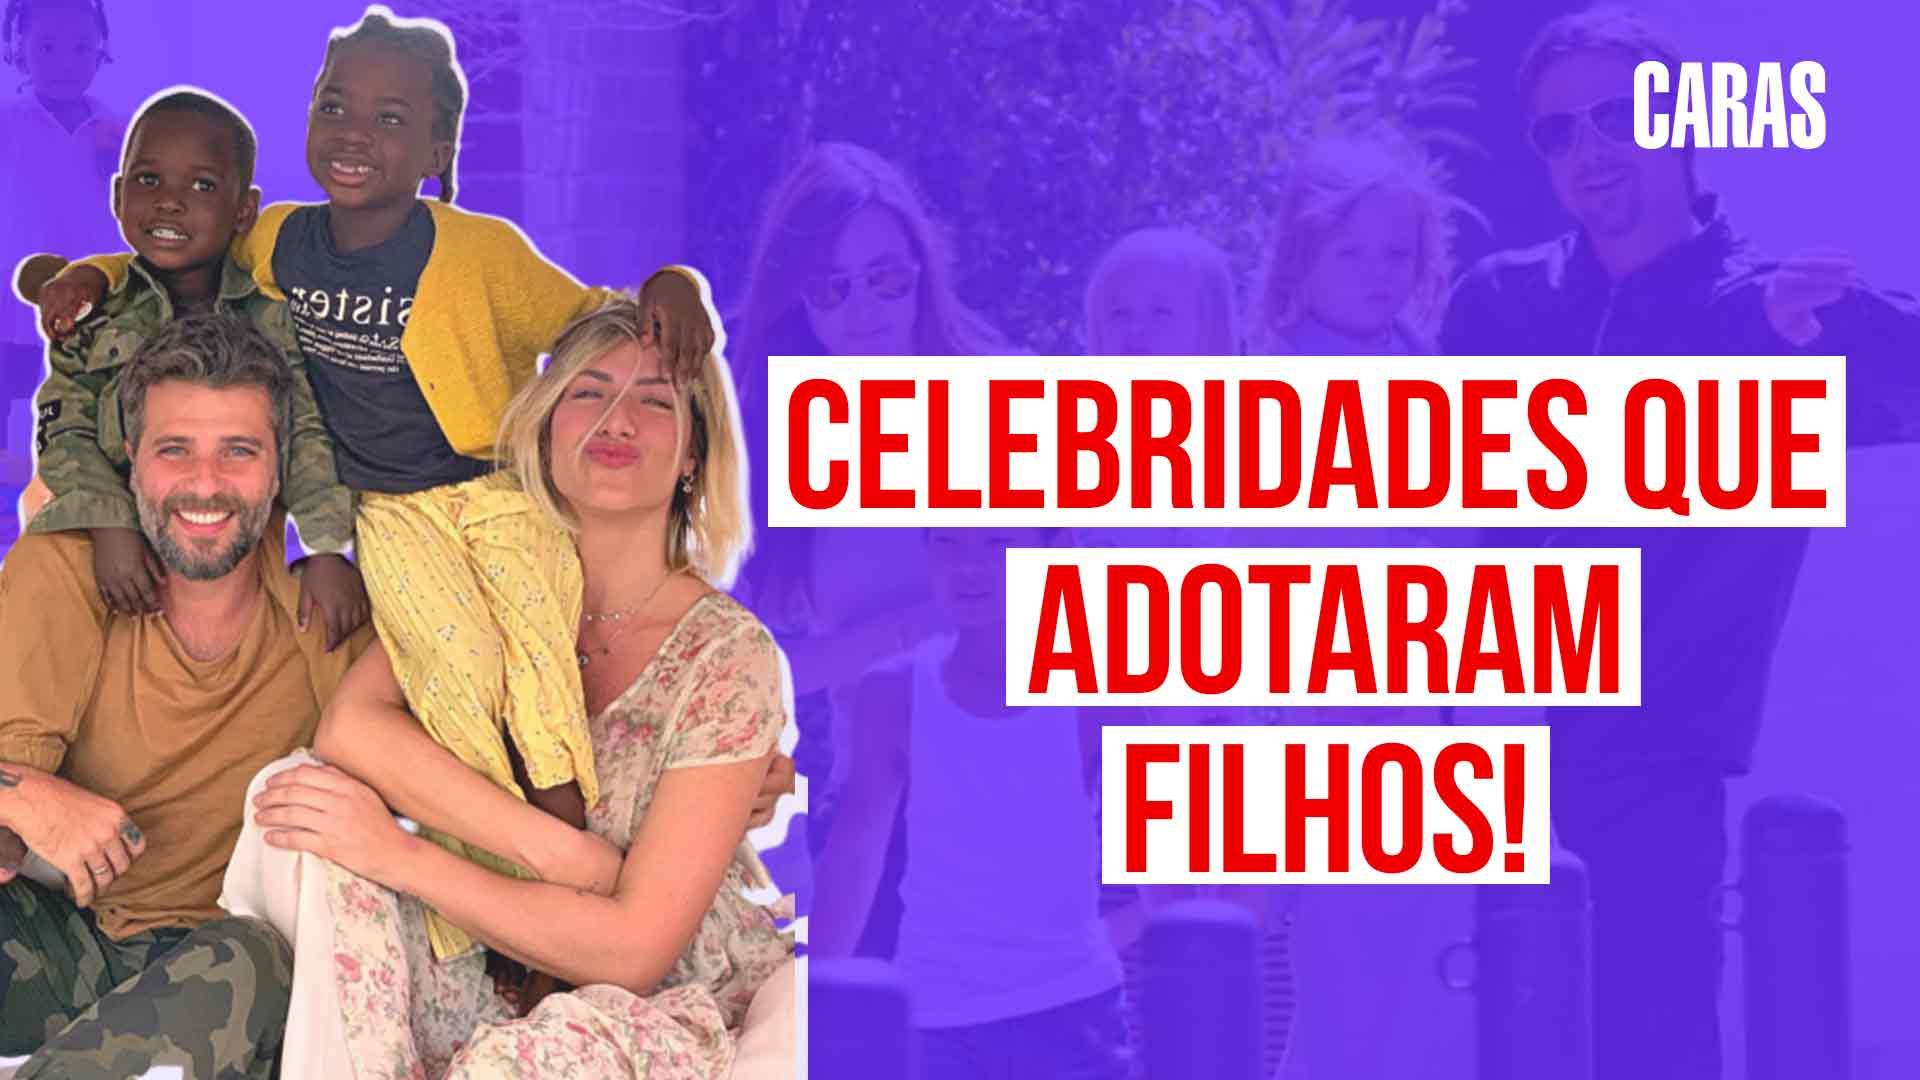 De #Bruno Gagliasso a #Brad Pitt, confira 5 celebridades que adotaram os filhos. https://t.co/eEW6jl6S13